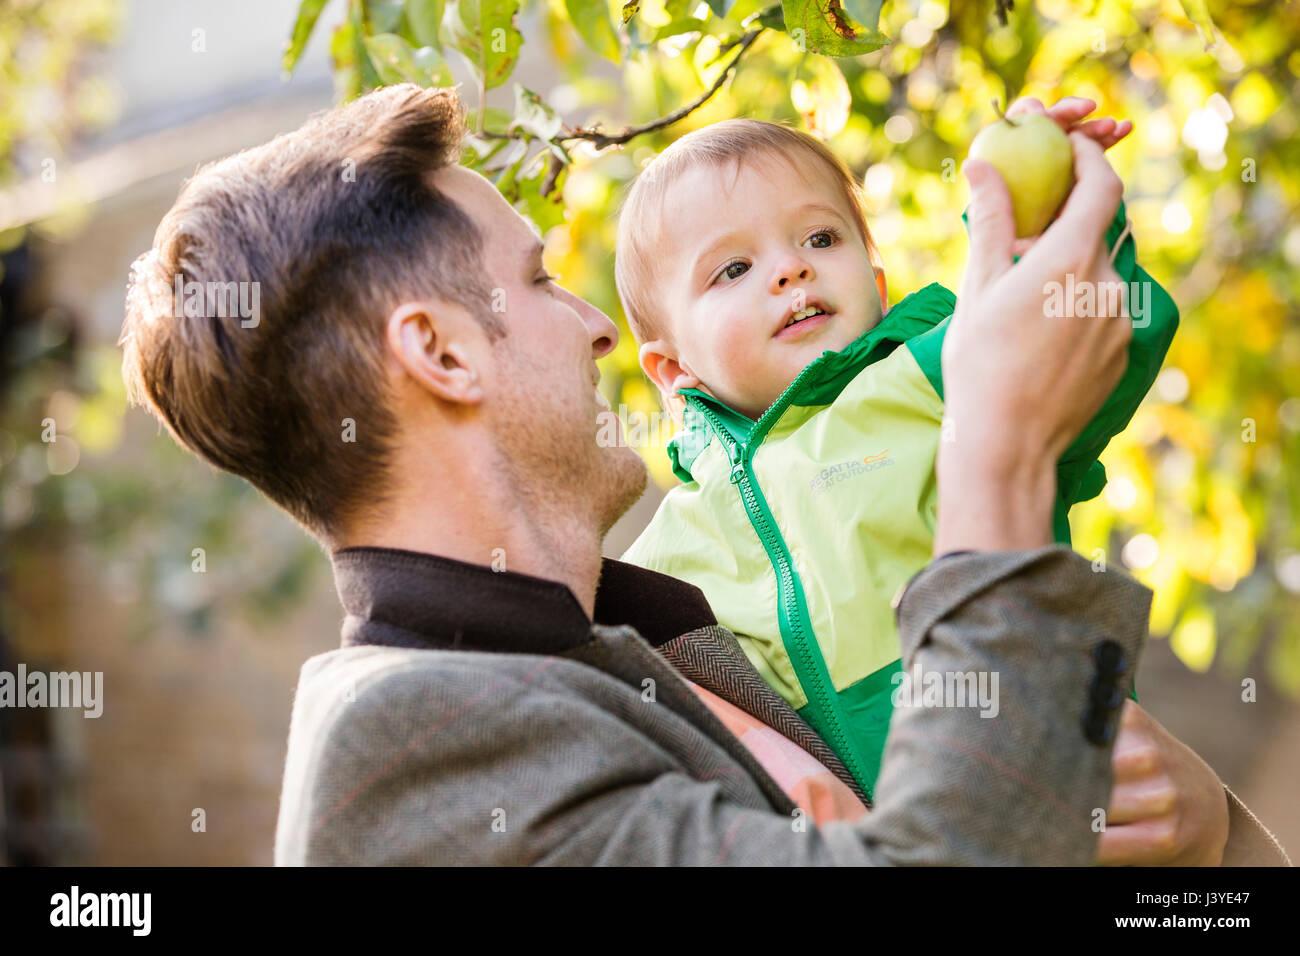 Vater und Kind Sohn einen Apfel pflücken, im Garten Stockbild